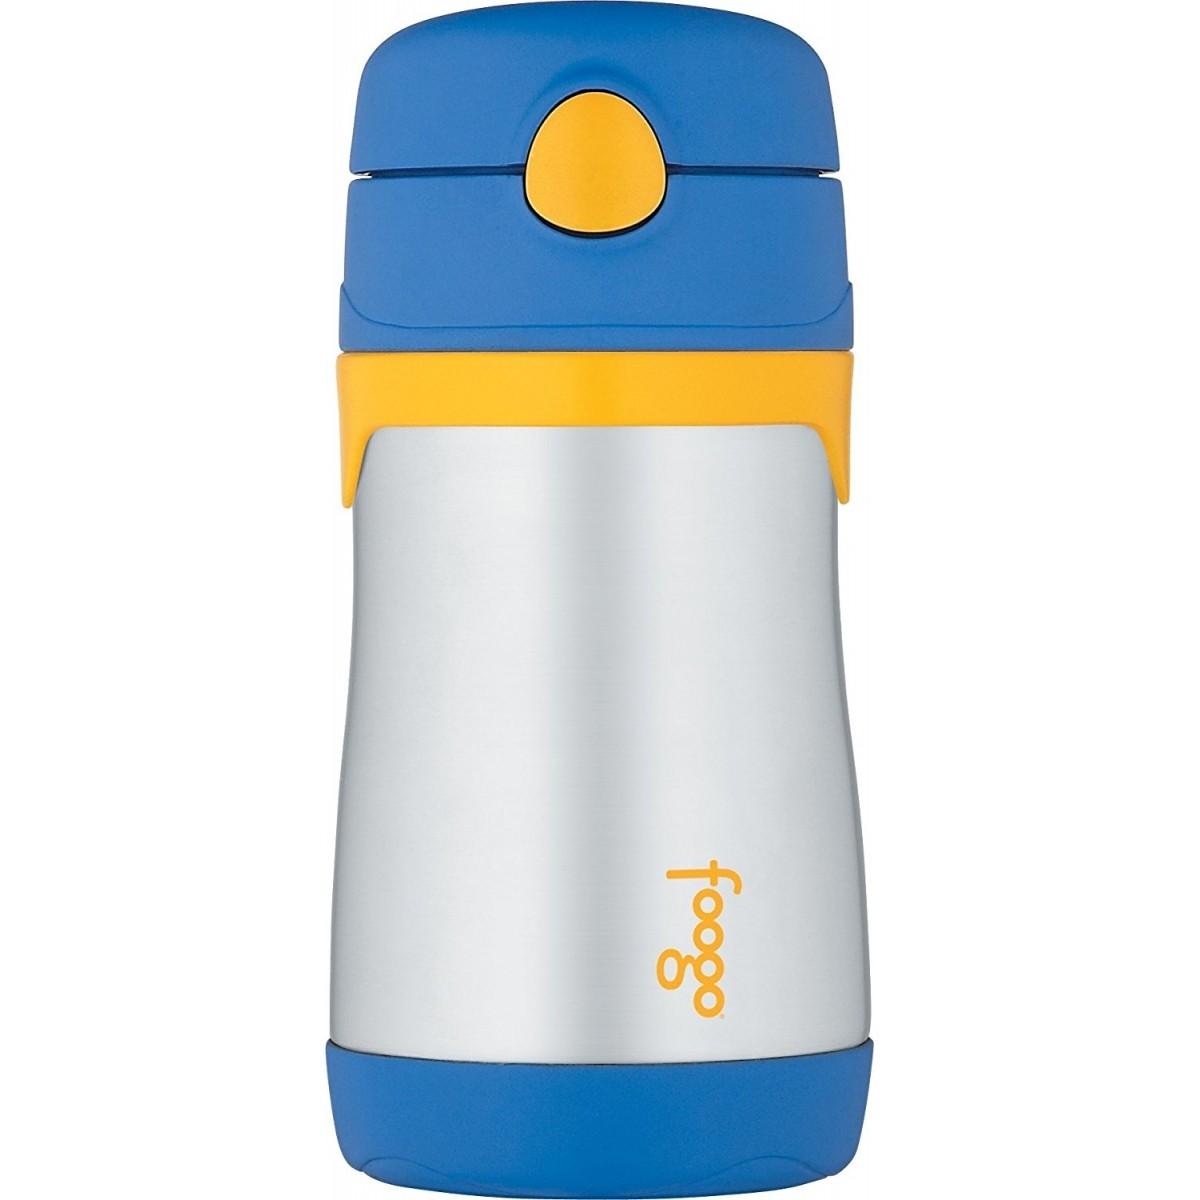 Garrafinha Térmica Foogo 290 ml Azul e Amarelo Thermos